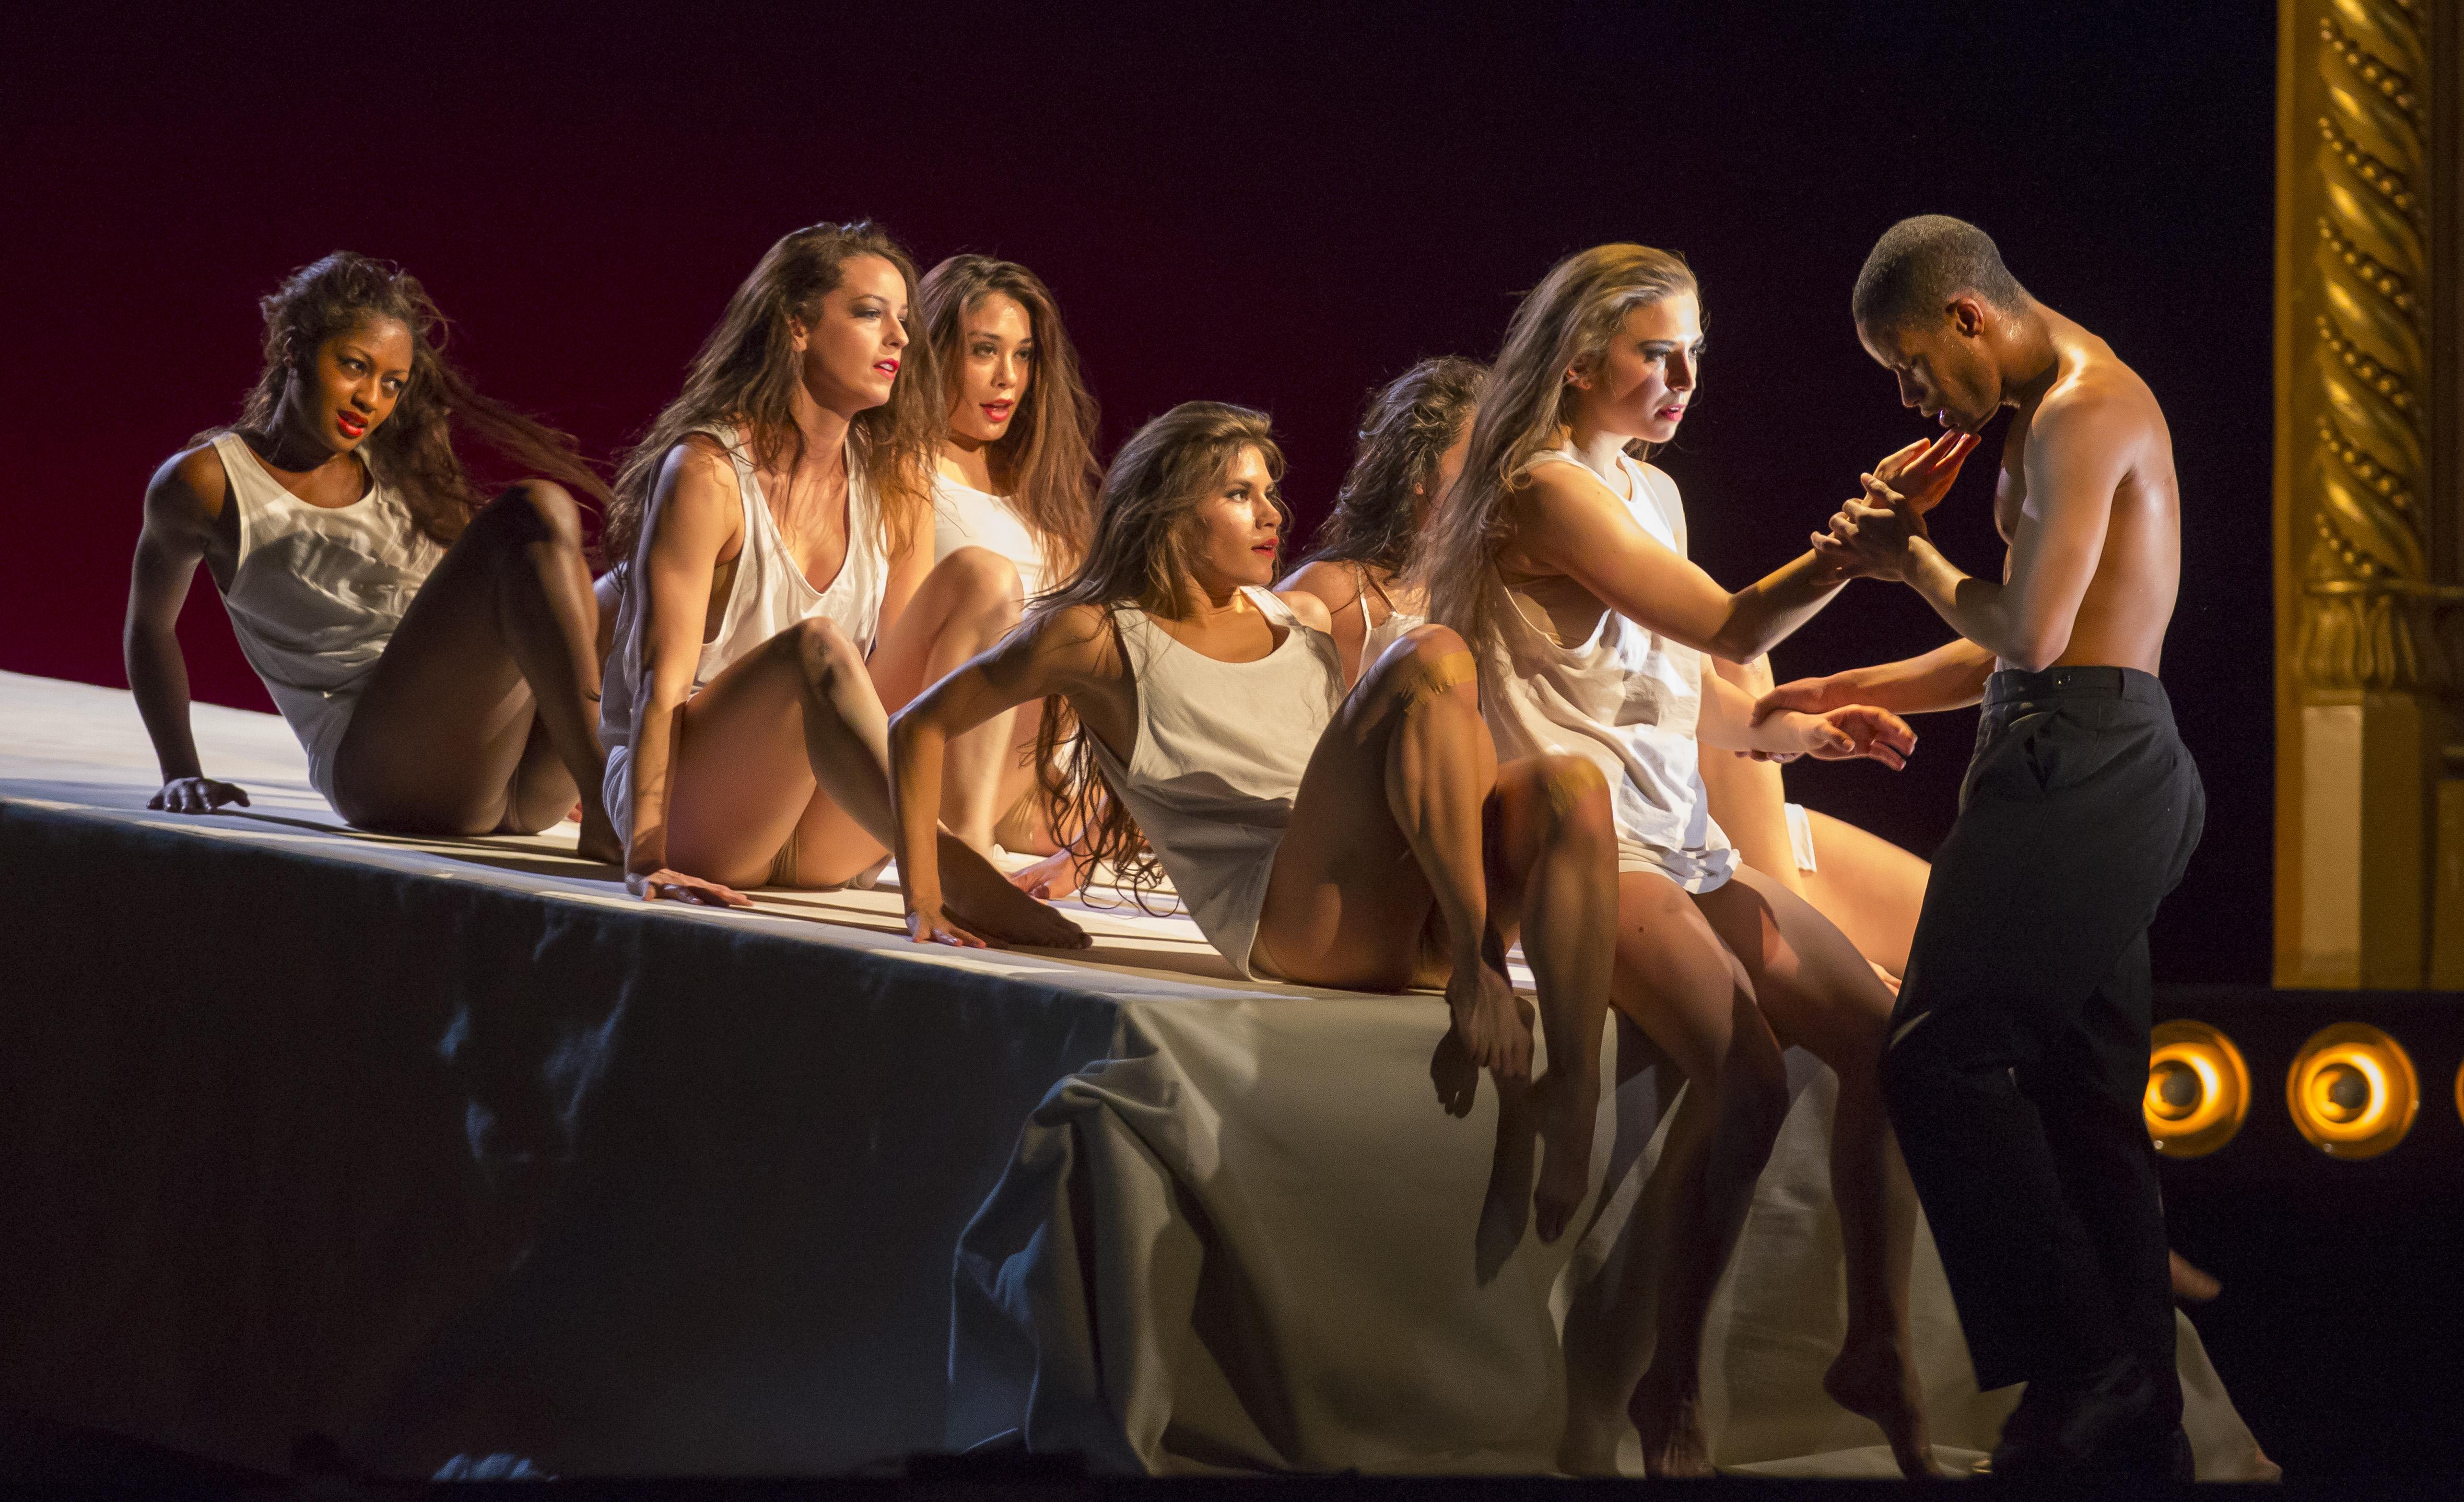 Порно фото в опере на сцене фото 759-236